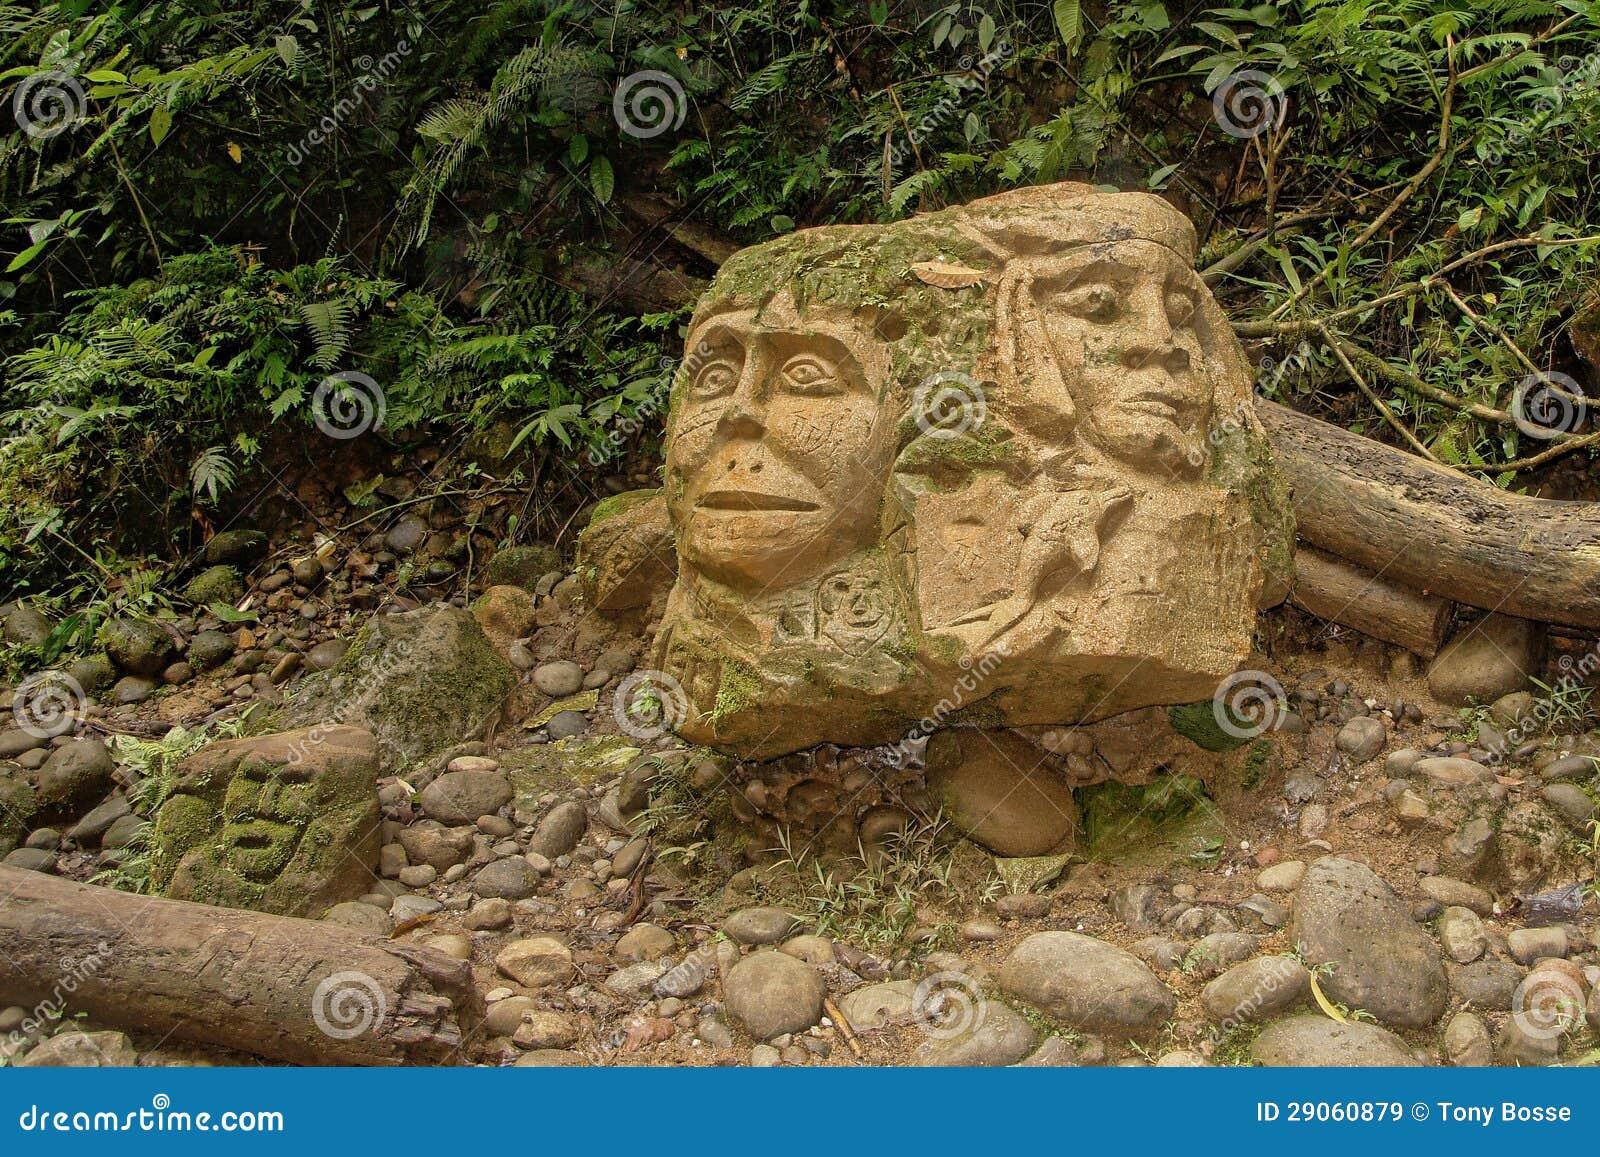 Высекать трибы тропического леса Амазонкы индийский